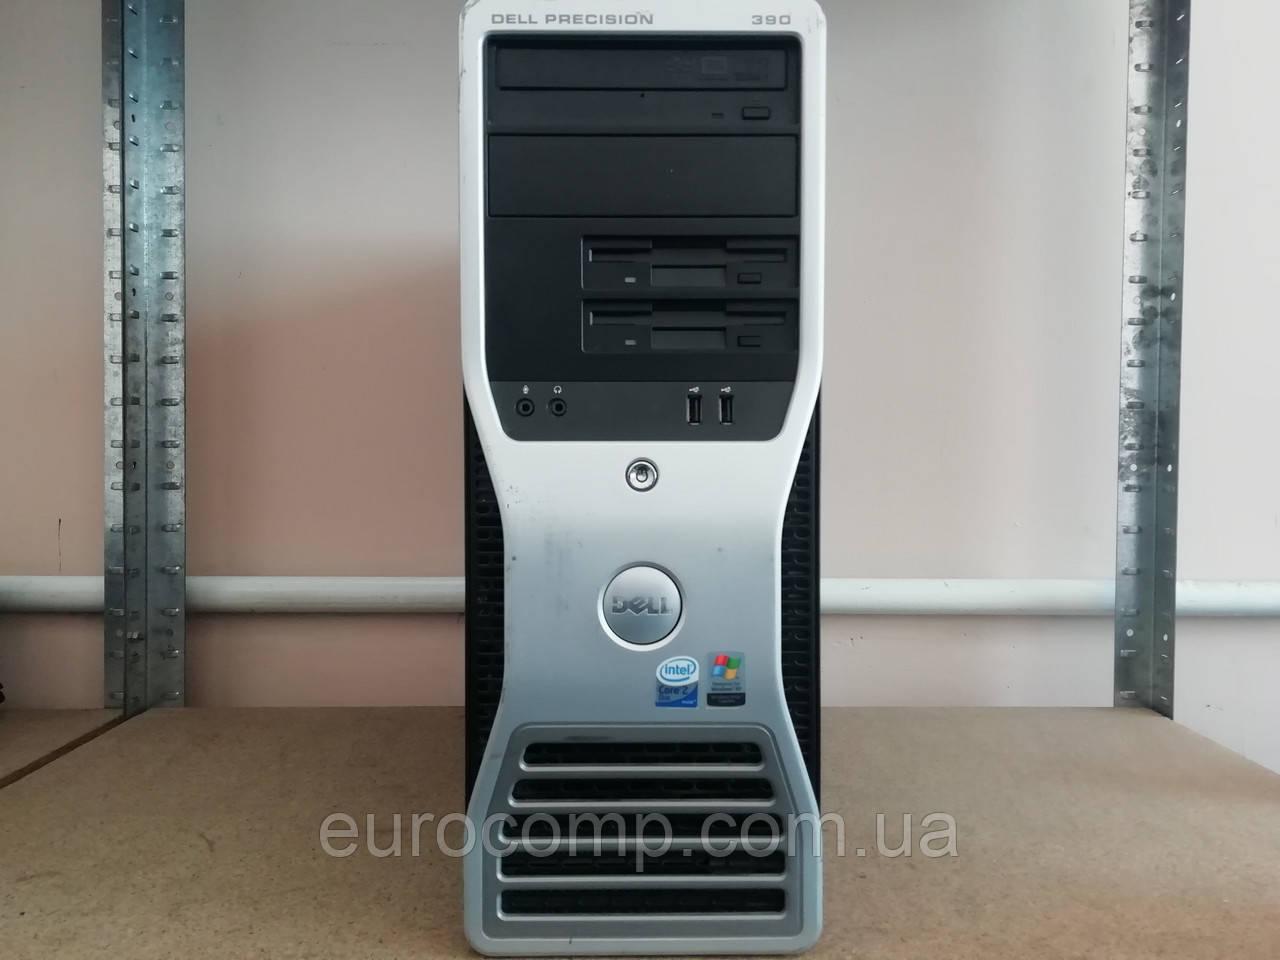 Недорогой компьютер для дома Dell Precision T390 MT (C2D E6300/2GB/160GB,HD3470,256MB)